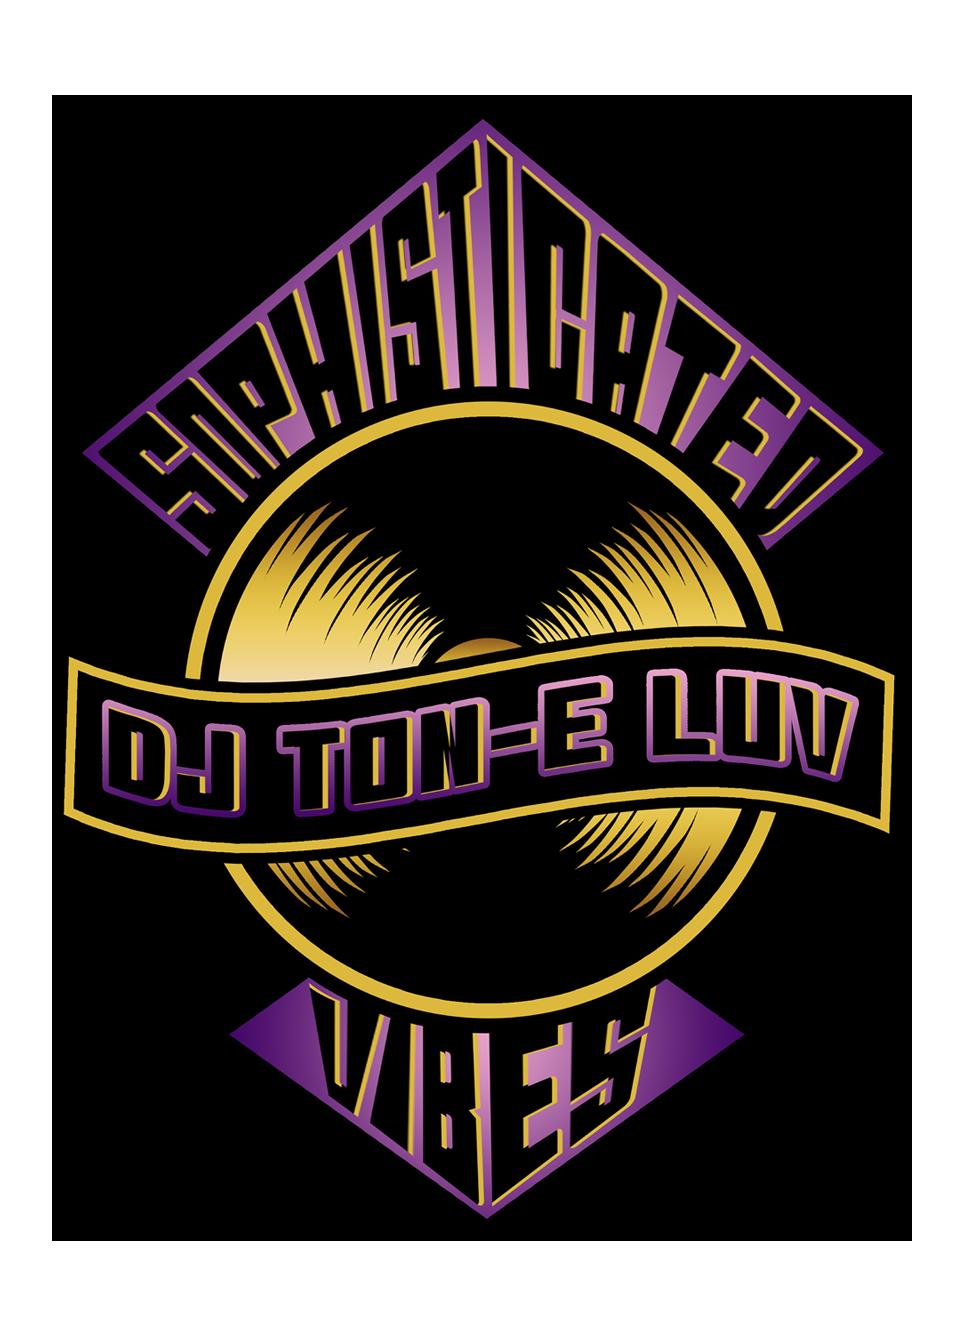 logo header dj